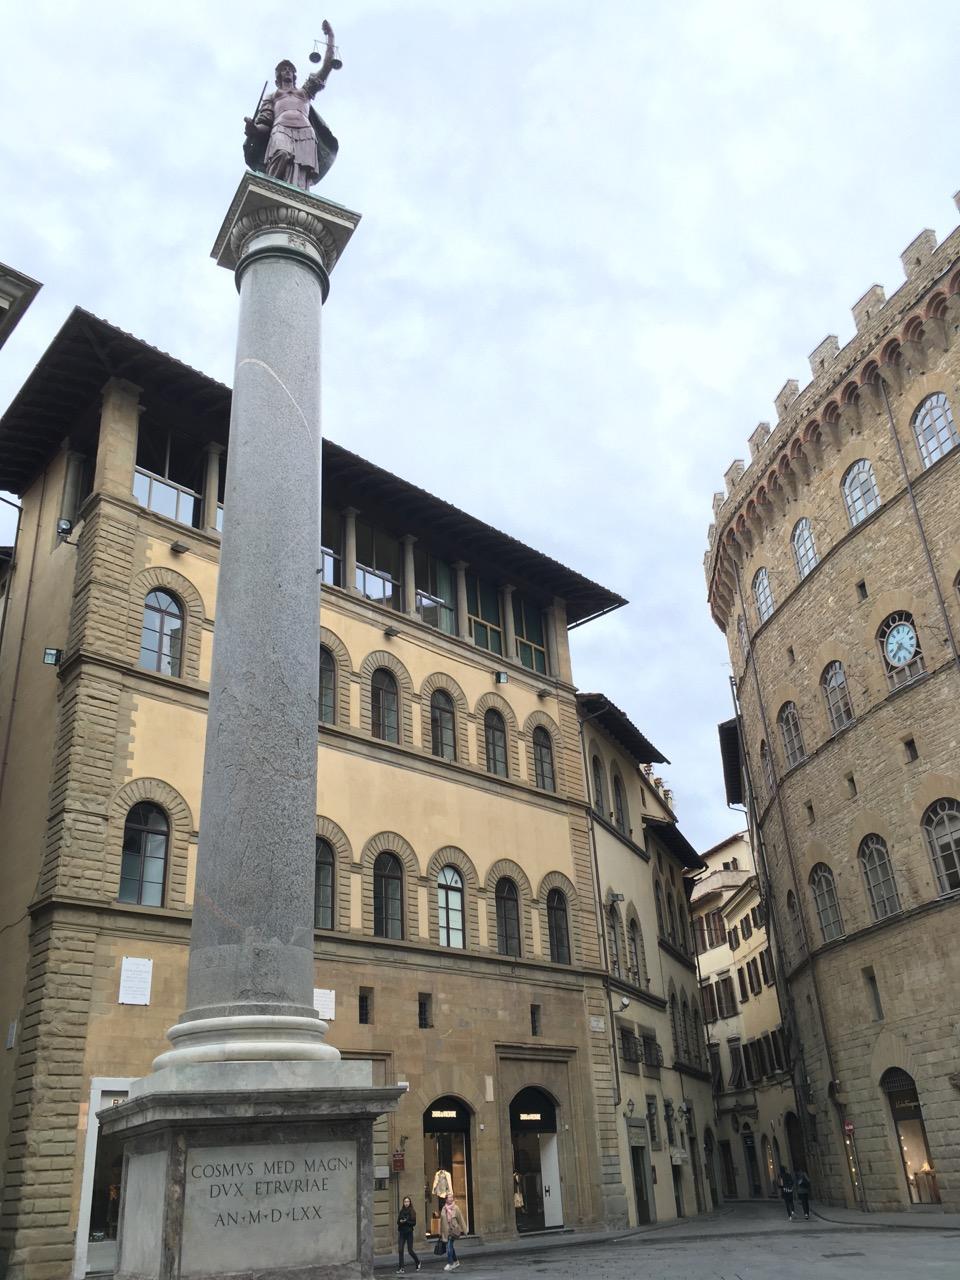 到处都是雕塑,这个在去乌菲兹美术馆的路上遇到的,叫做正义之柱(Column of Justice),位于圣三广场上(Piazza Santa Trinita)